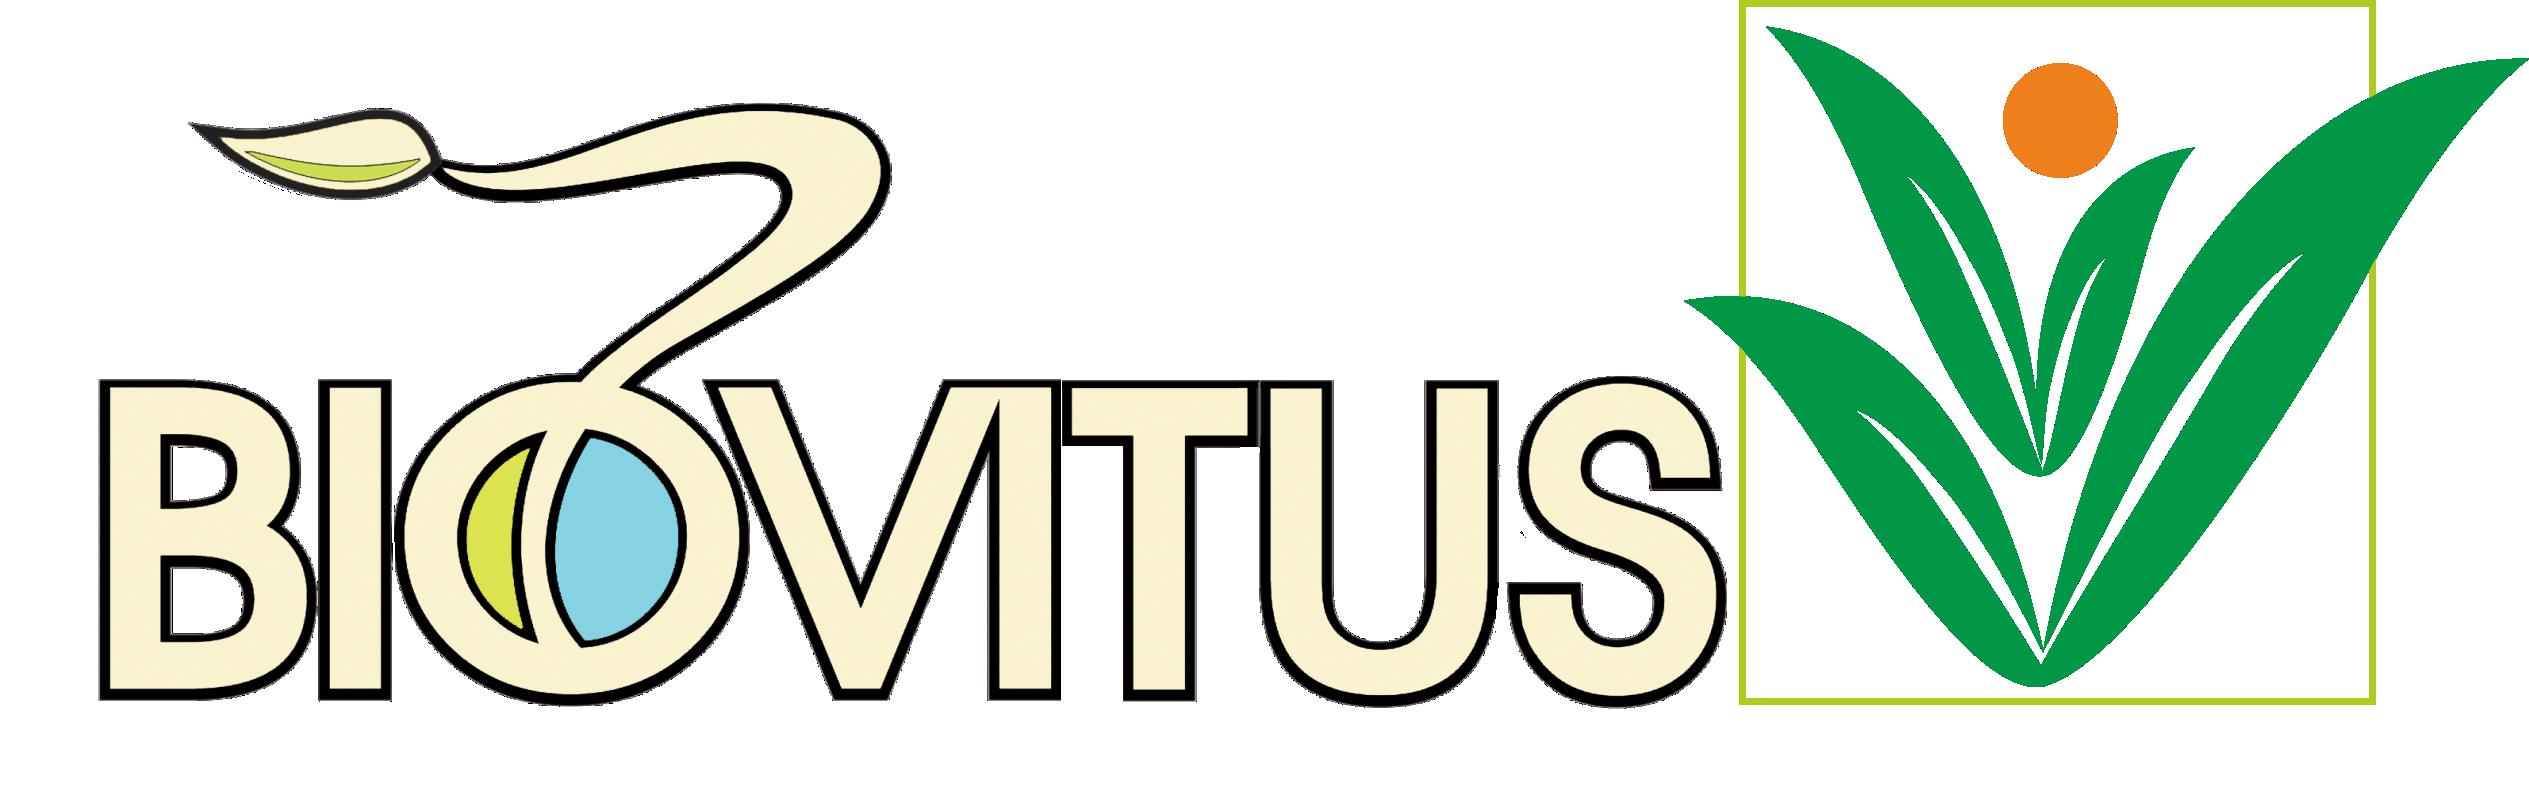 Biovitus